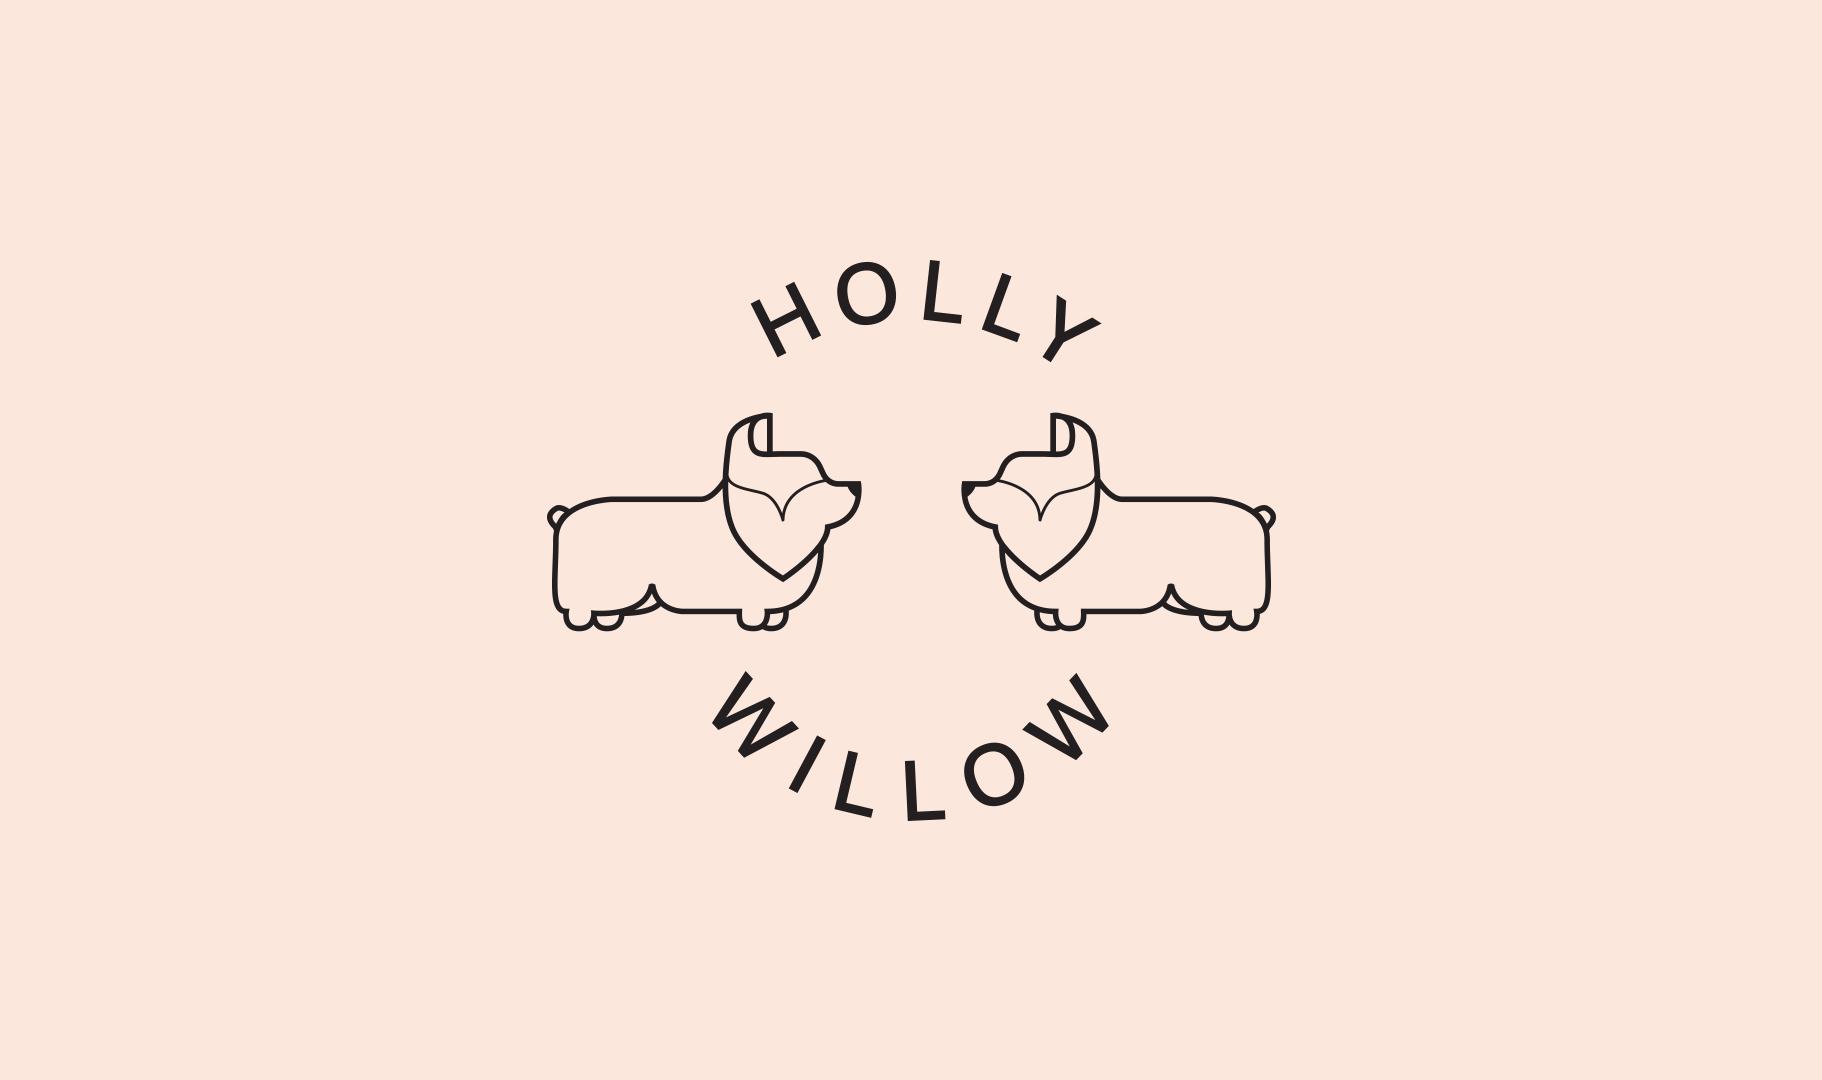 hollywillow.jpg